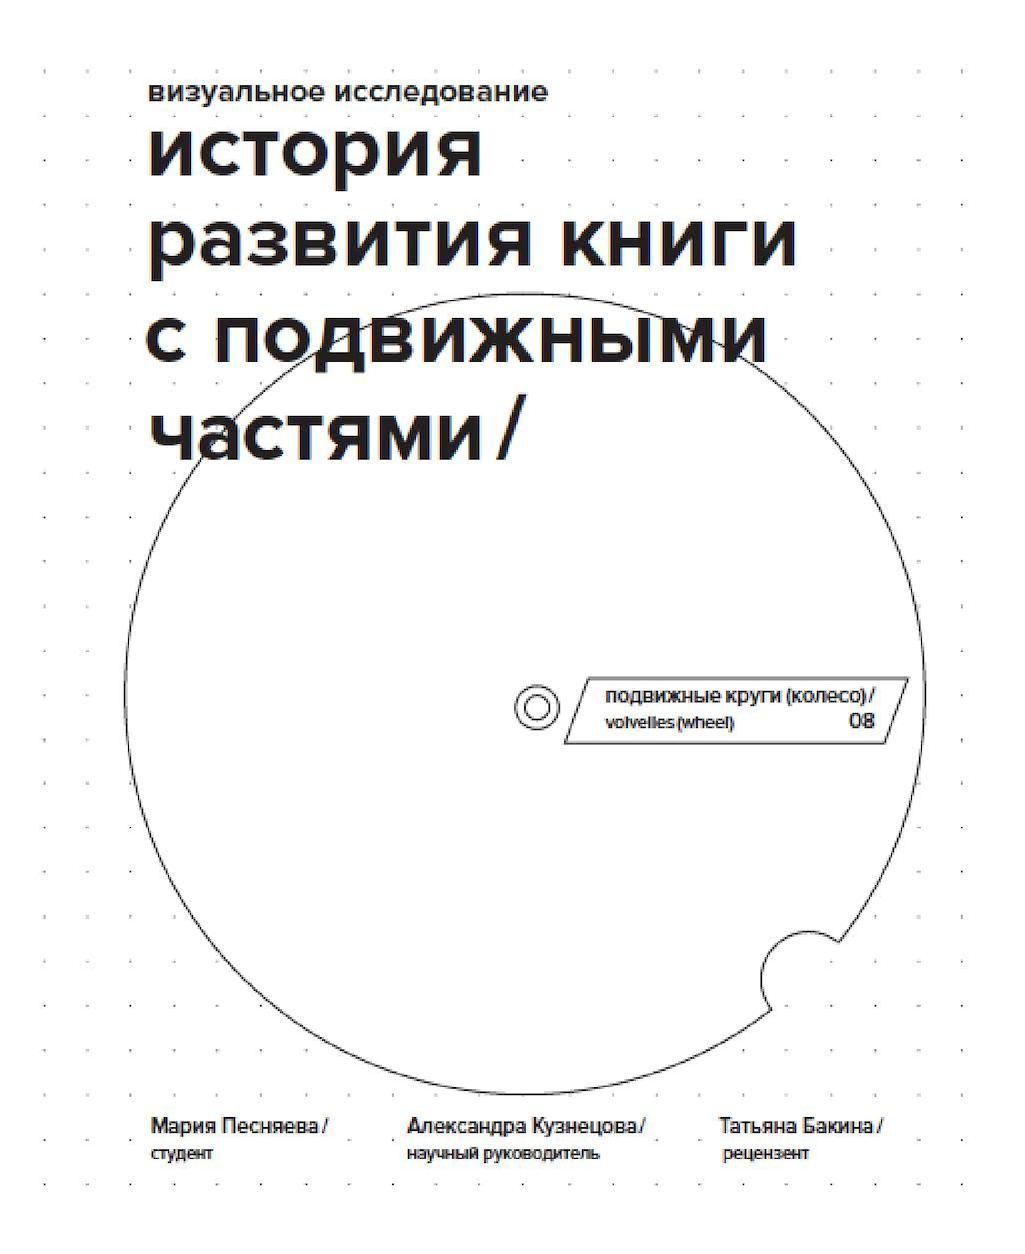 История развития книги с подвижными частями